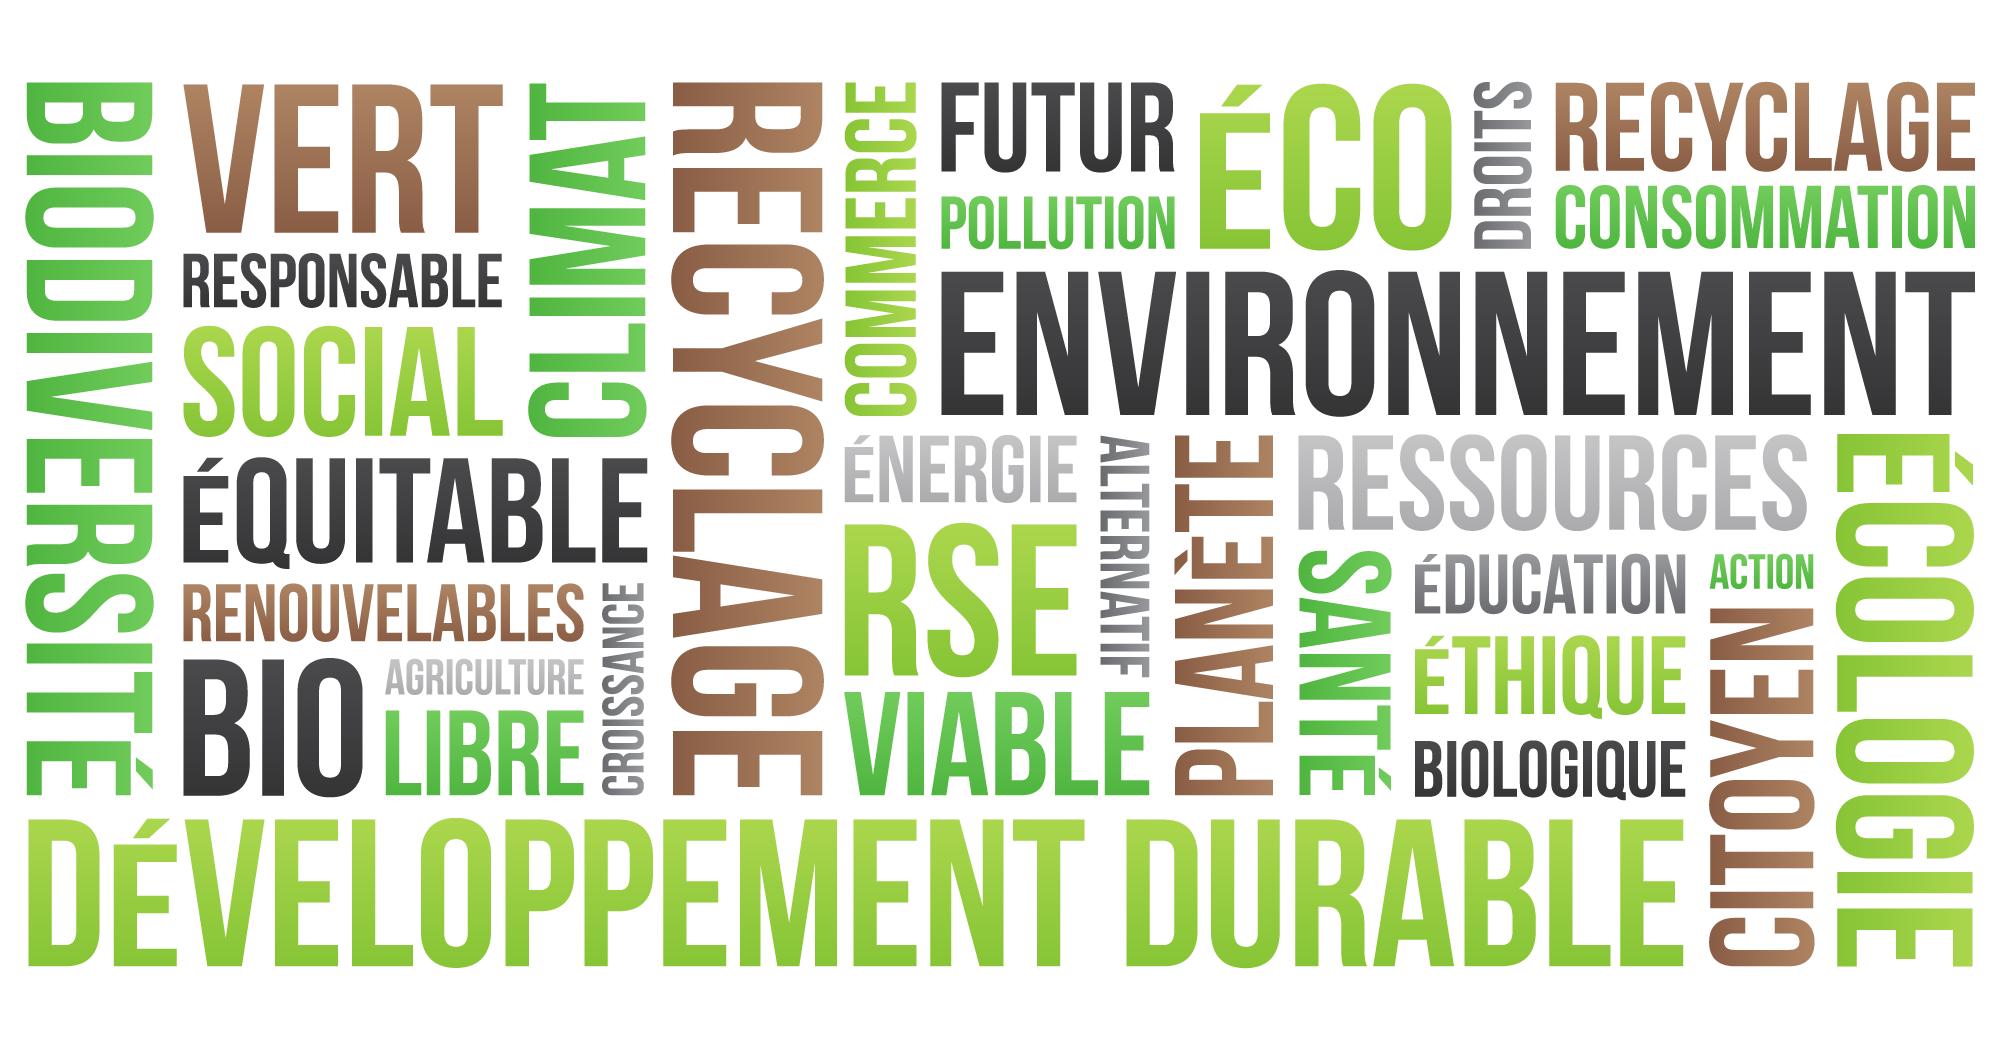 RSE développement durable recyclage environnement